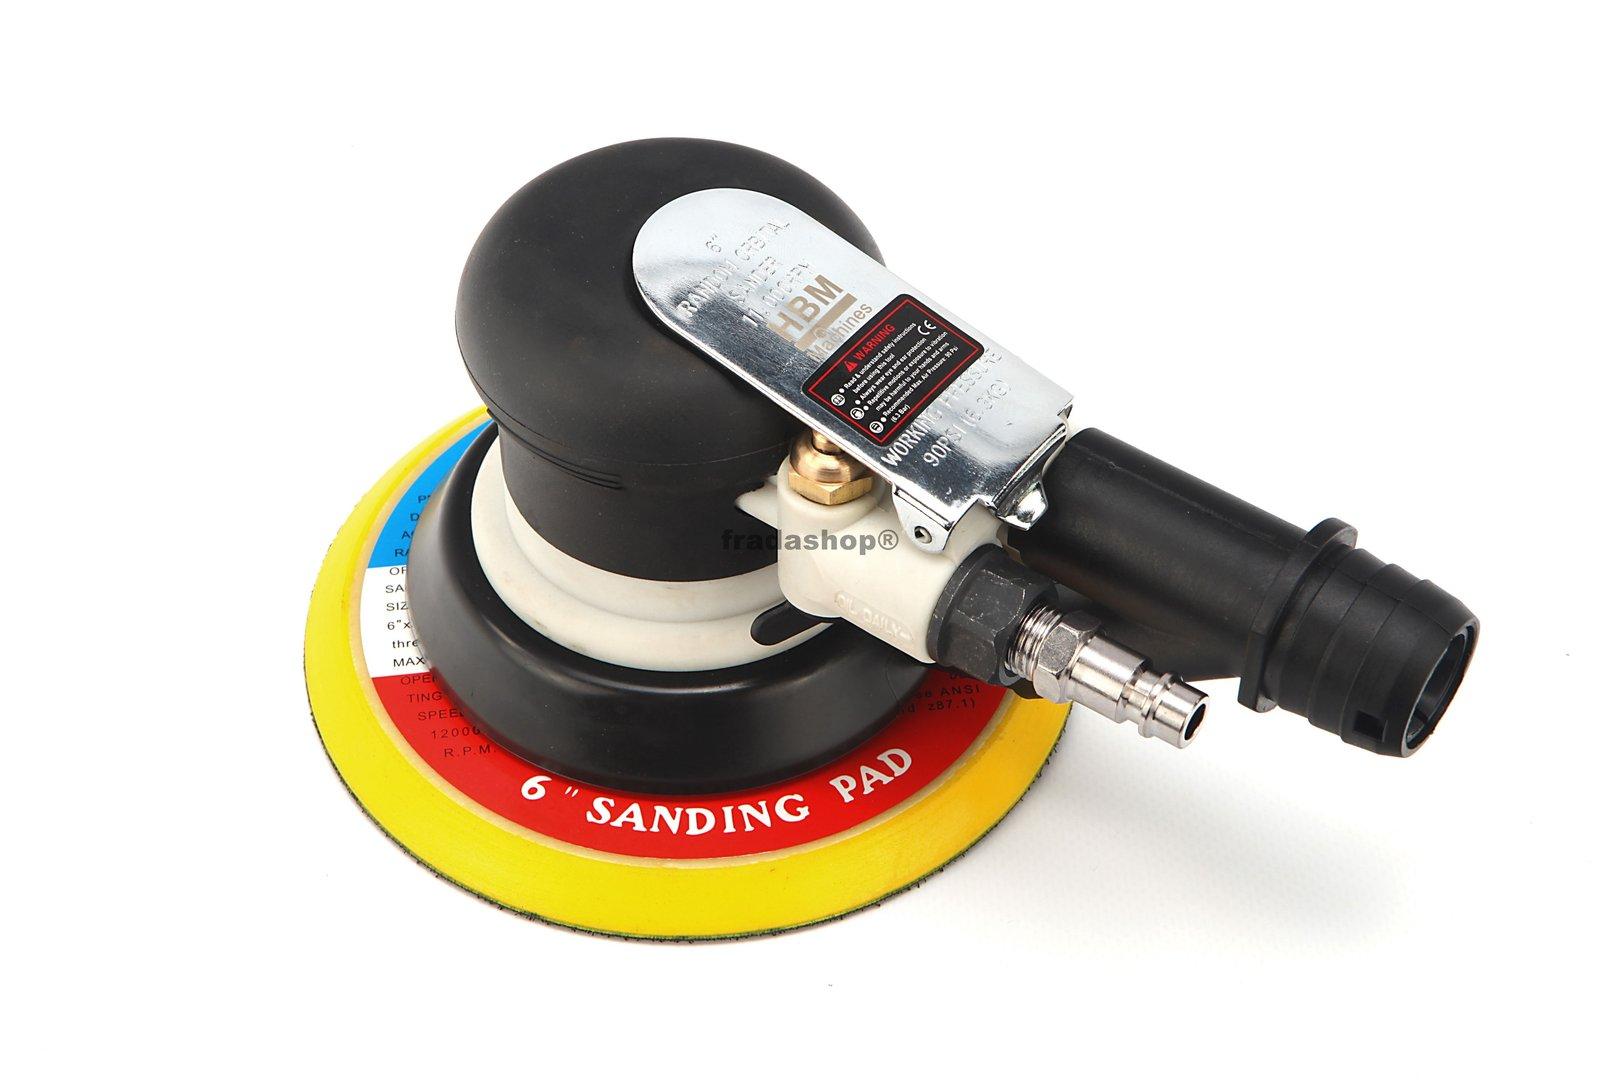 pn. exzenterschleifer 150mm, vakuum   fradashop